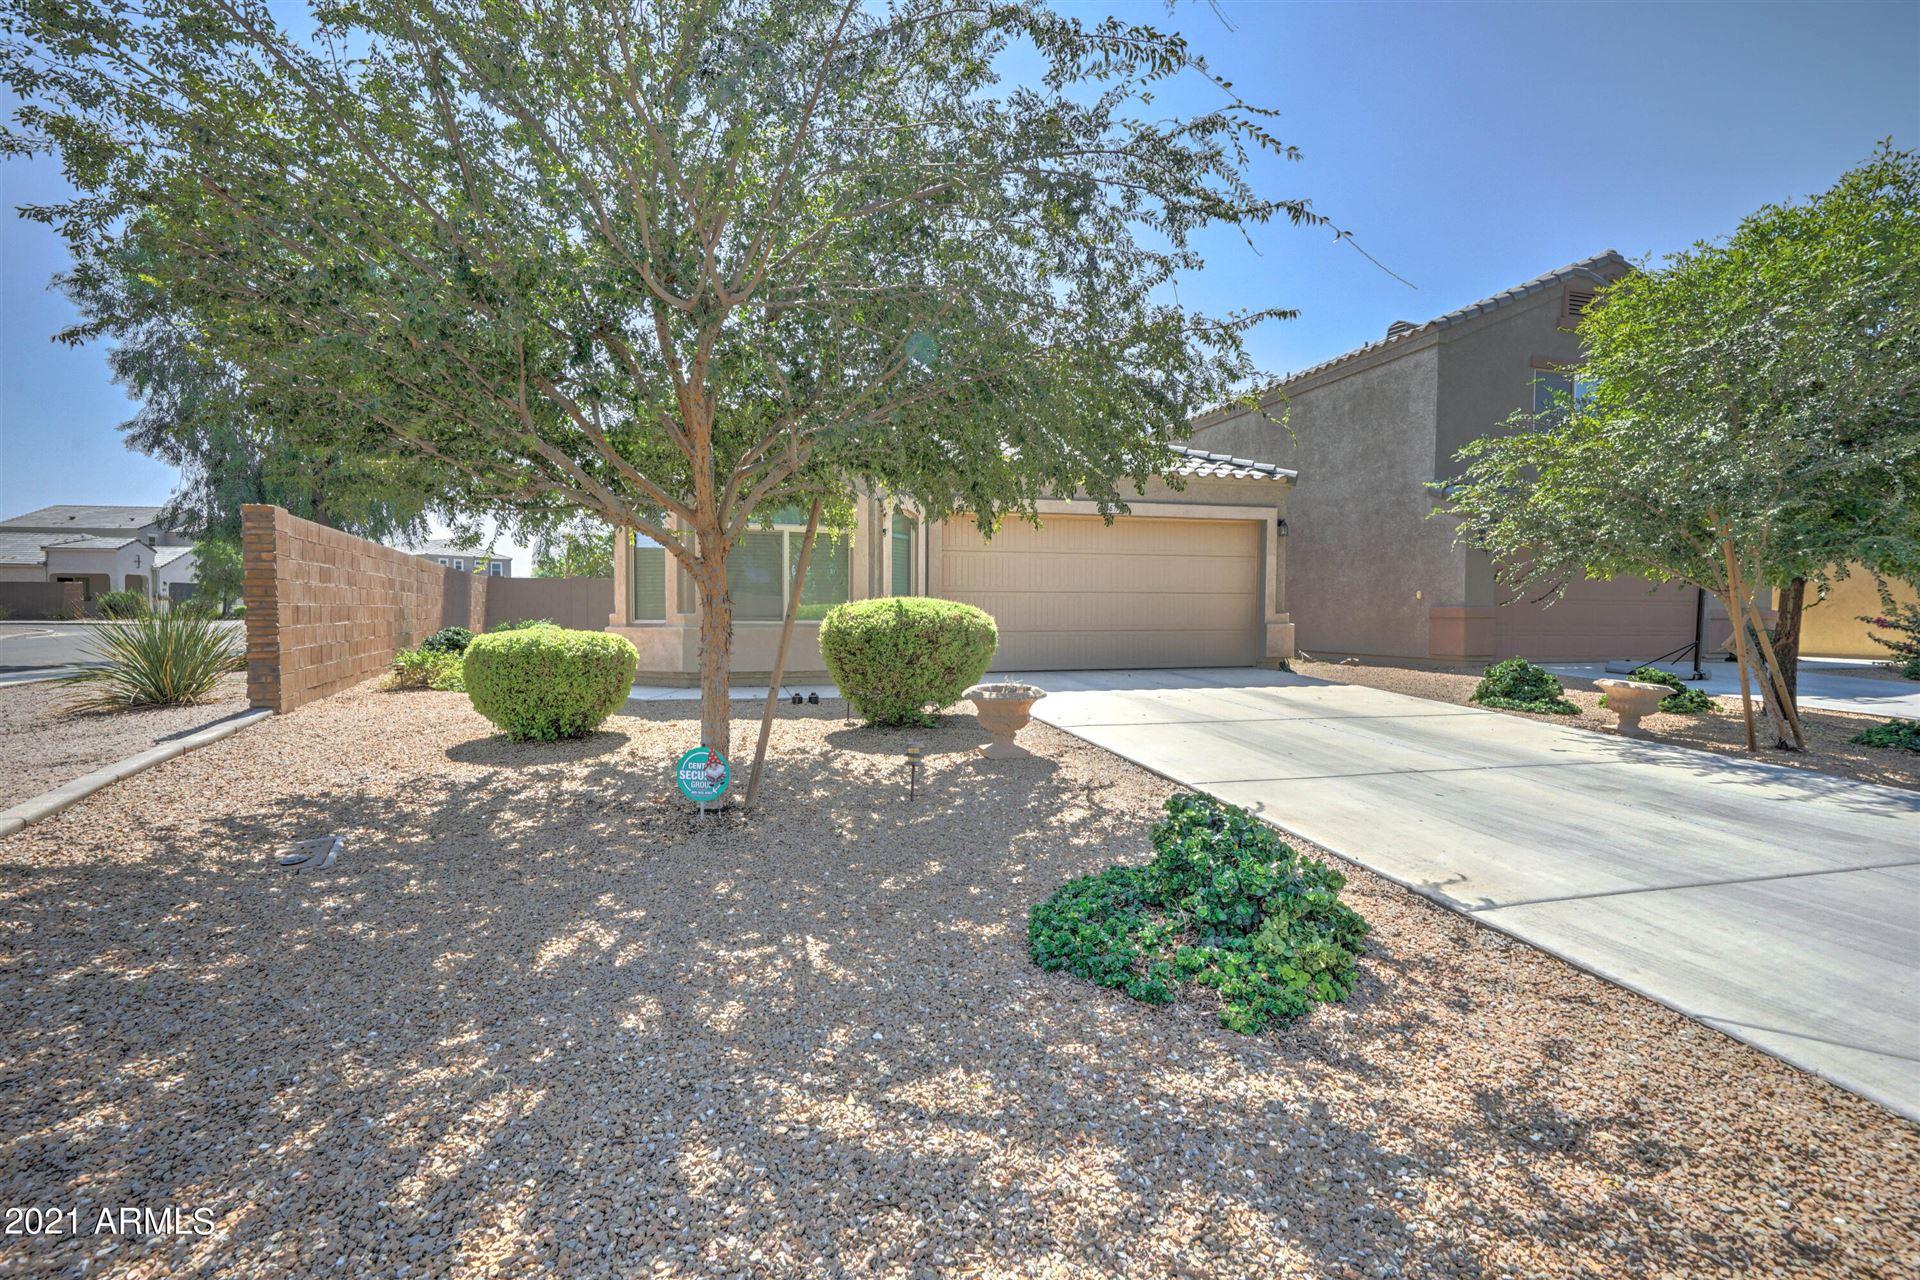 Photo of 4679 E TIGER EYE Road, San Tan Valley, AZ 85143 (MLS # 6295294)